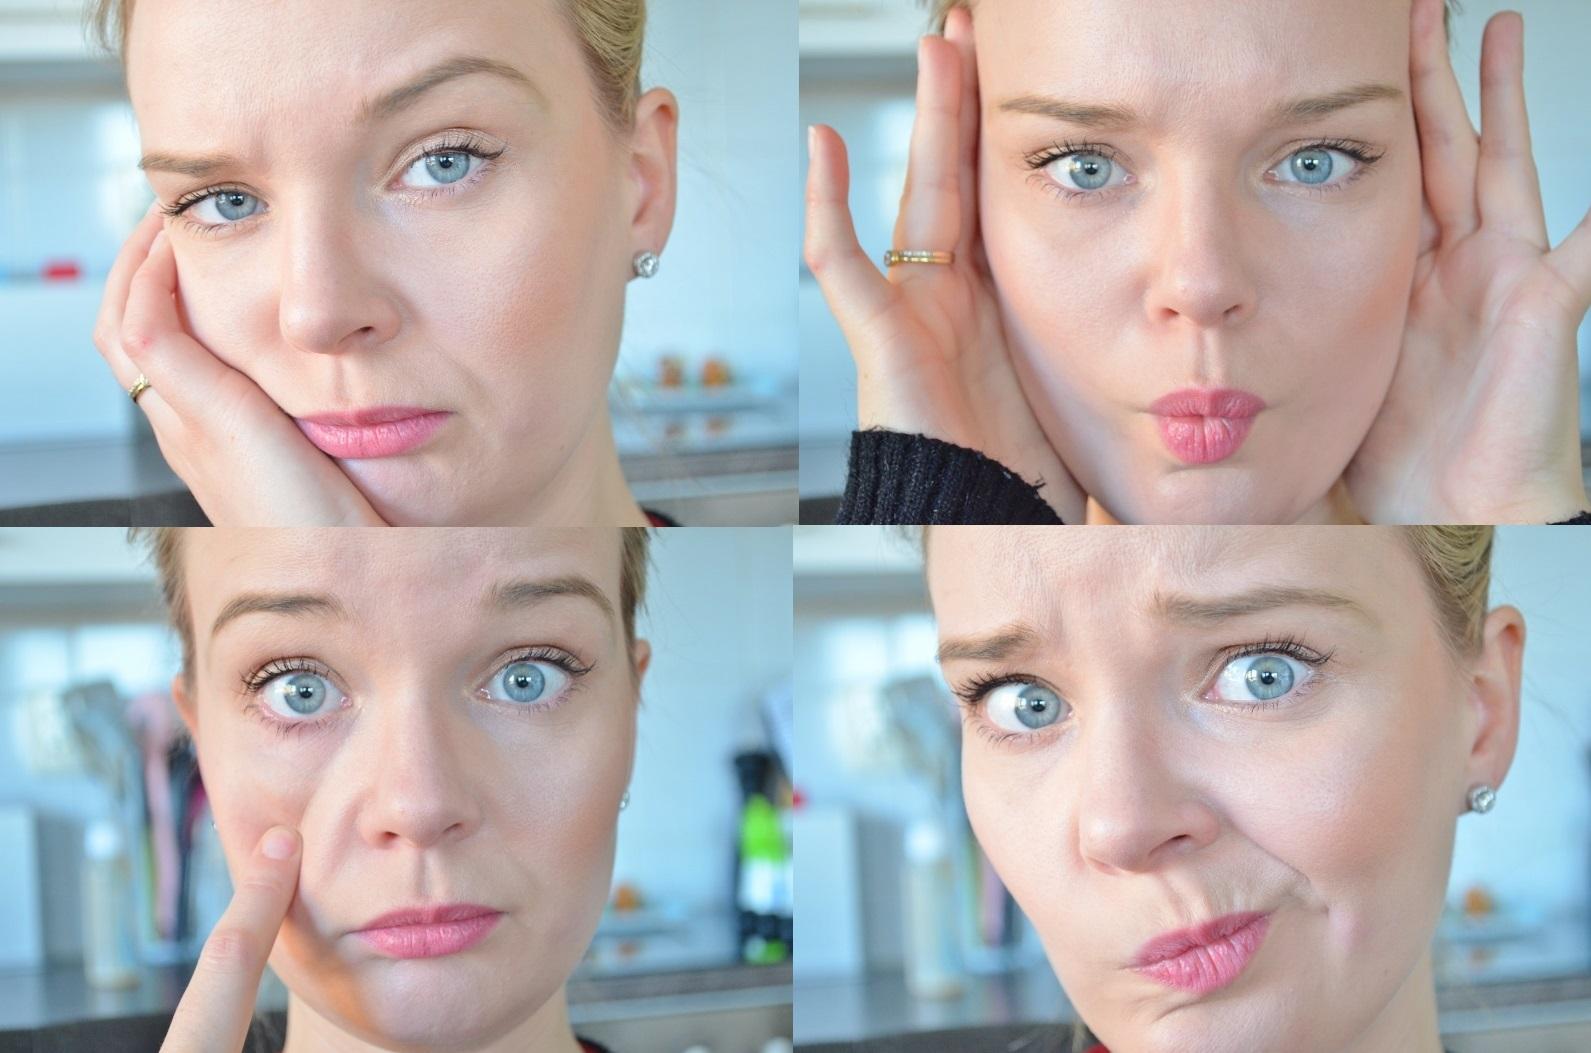 Compiatie Kruidvat Skin Science - Mooi(er) ouder worden?